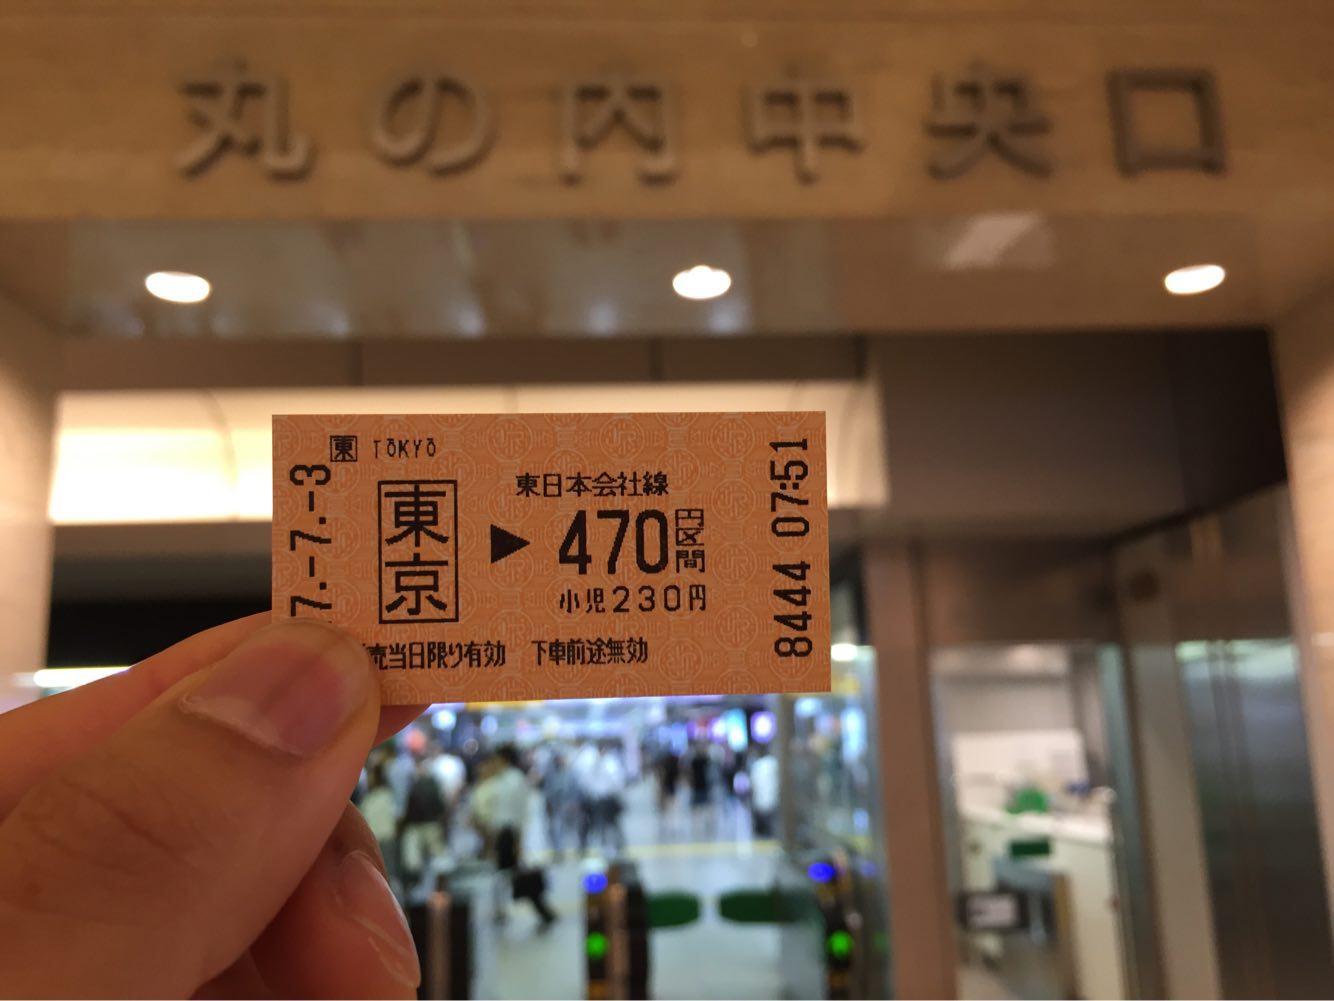 大都市近郊区間の大回り乗車を使って東京→横浜のきっぷで房総半島を一周してきた♪